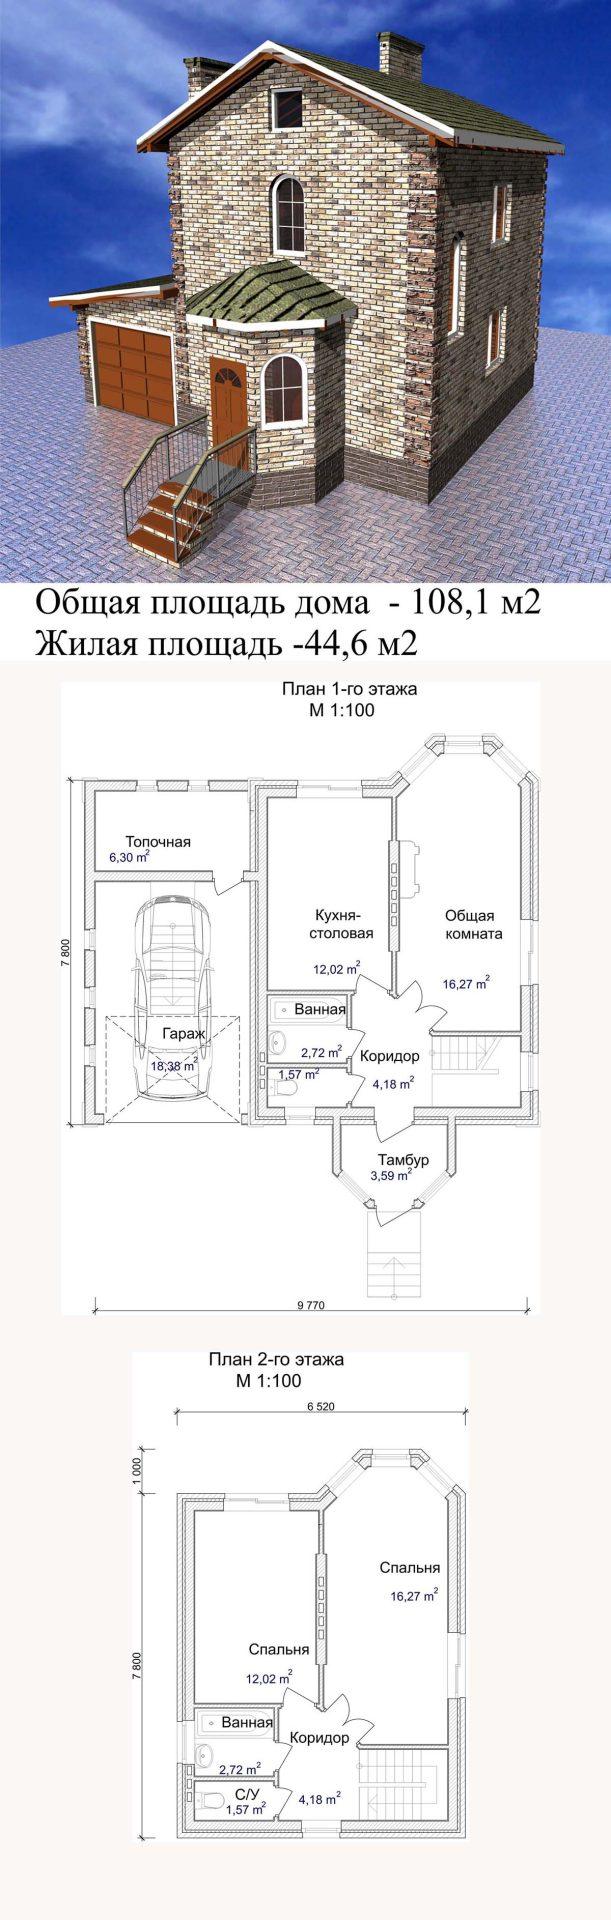 Проект двухэтажного сельского дома